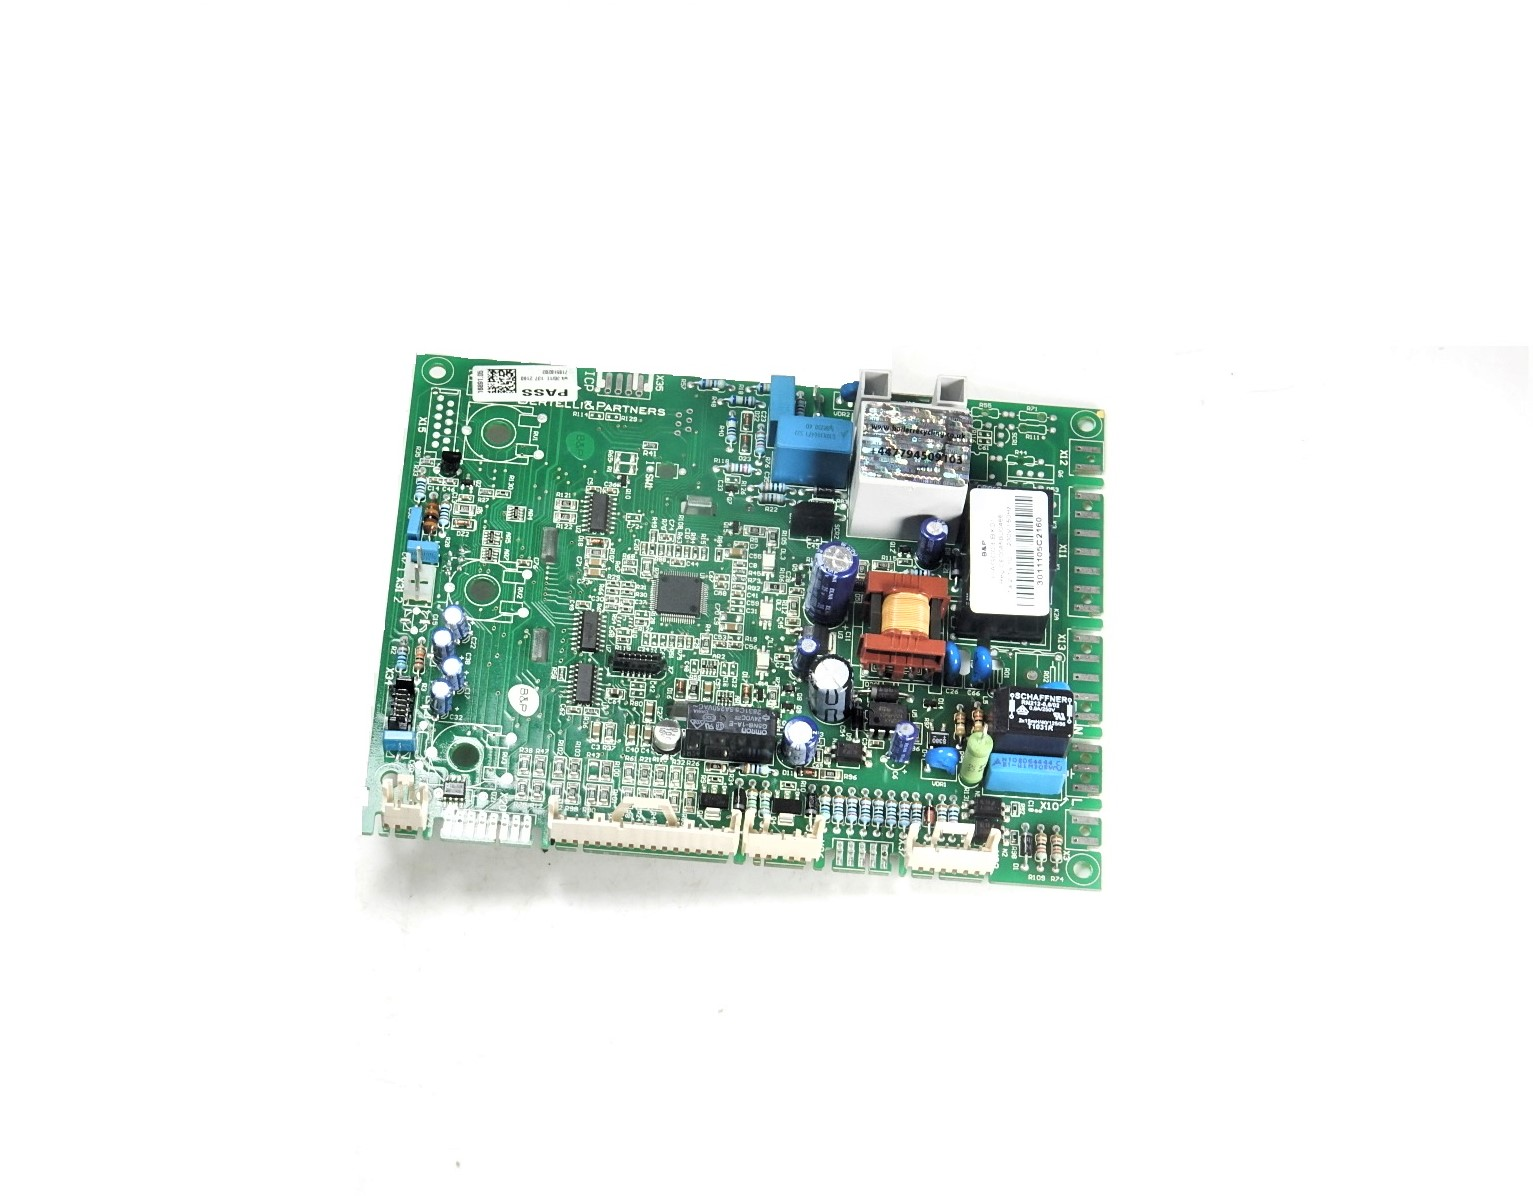 BAXI DUO TEC 2 COMBI 24 28 33 40 GA CIRCUIT BOARD PCB 720878202 WAS 720878201